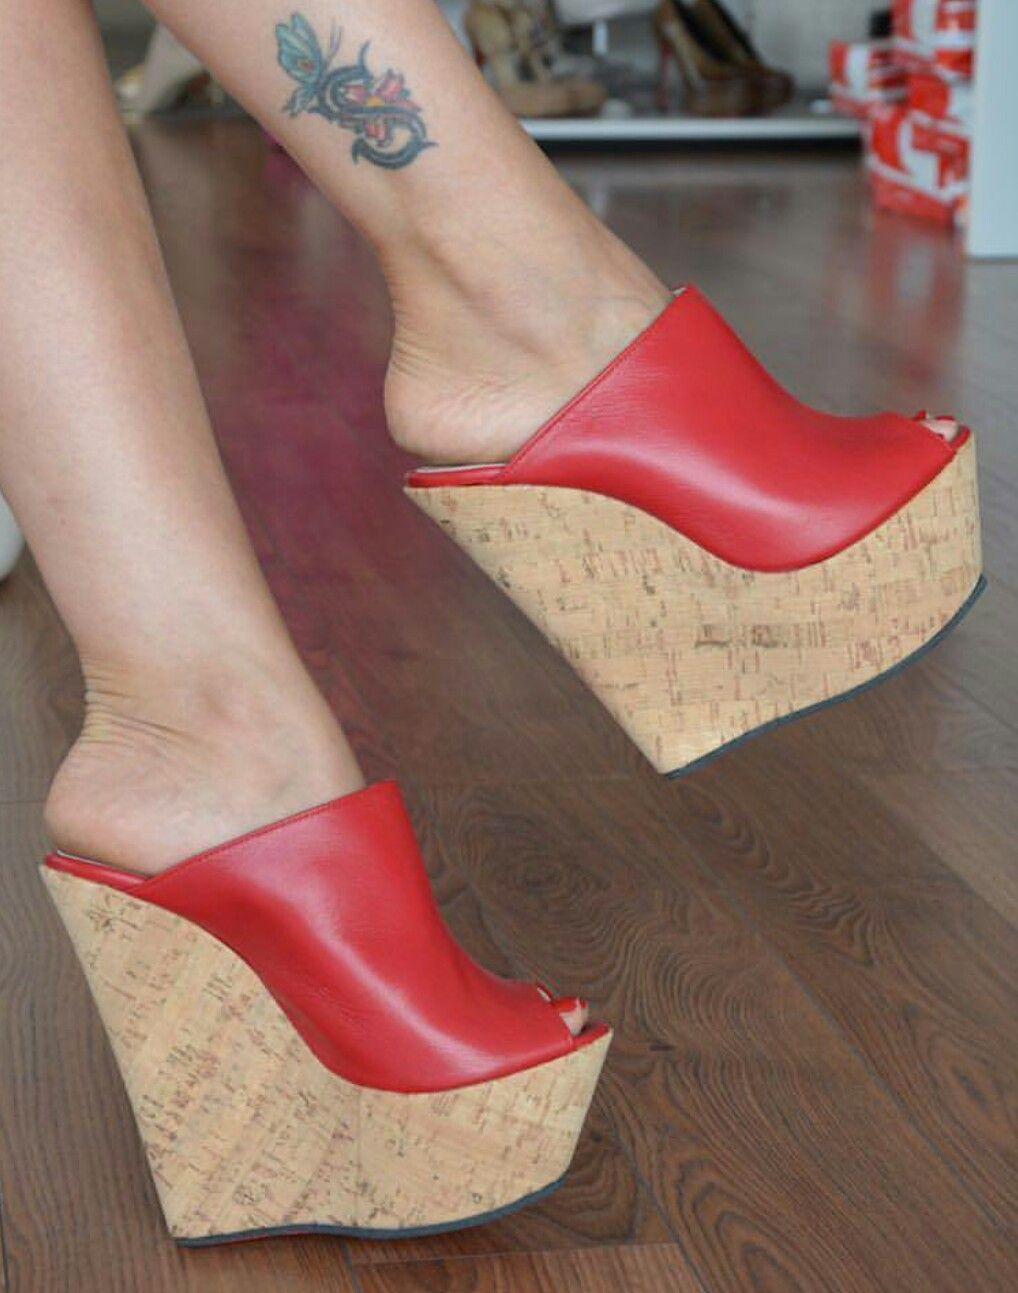 b739636ac Saltos Anabela · Tamancos · Sapatos Vermelhos, Armário De Sapatos, Sapatos  Lindos, Modelos De Sapatos, Calcanhar,